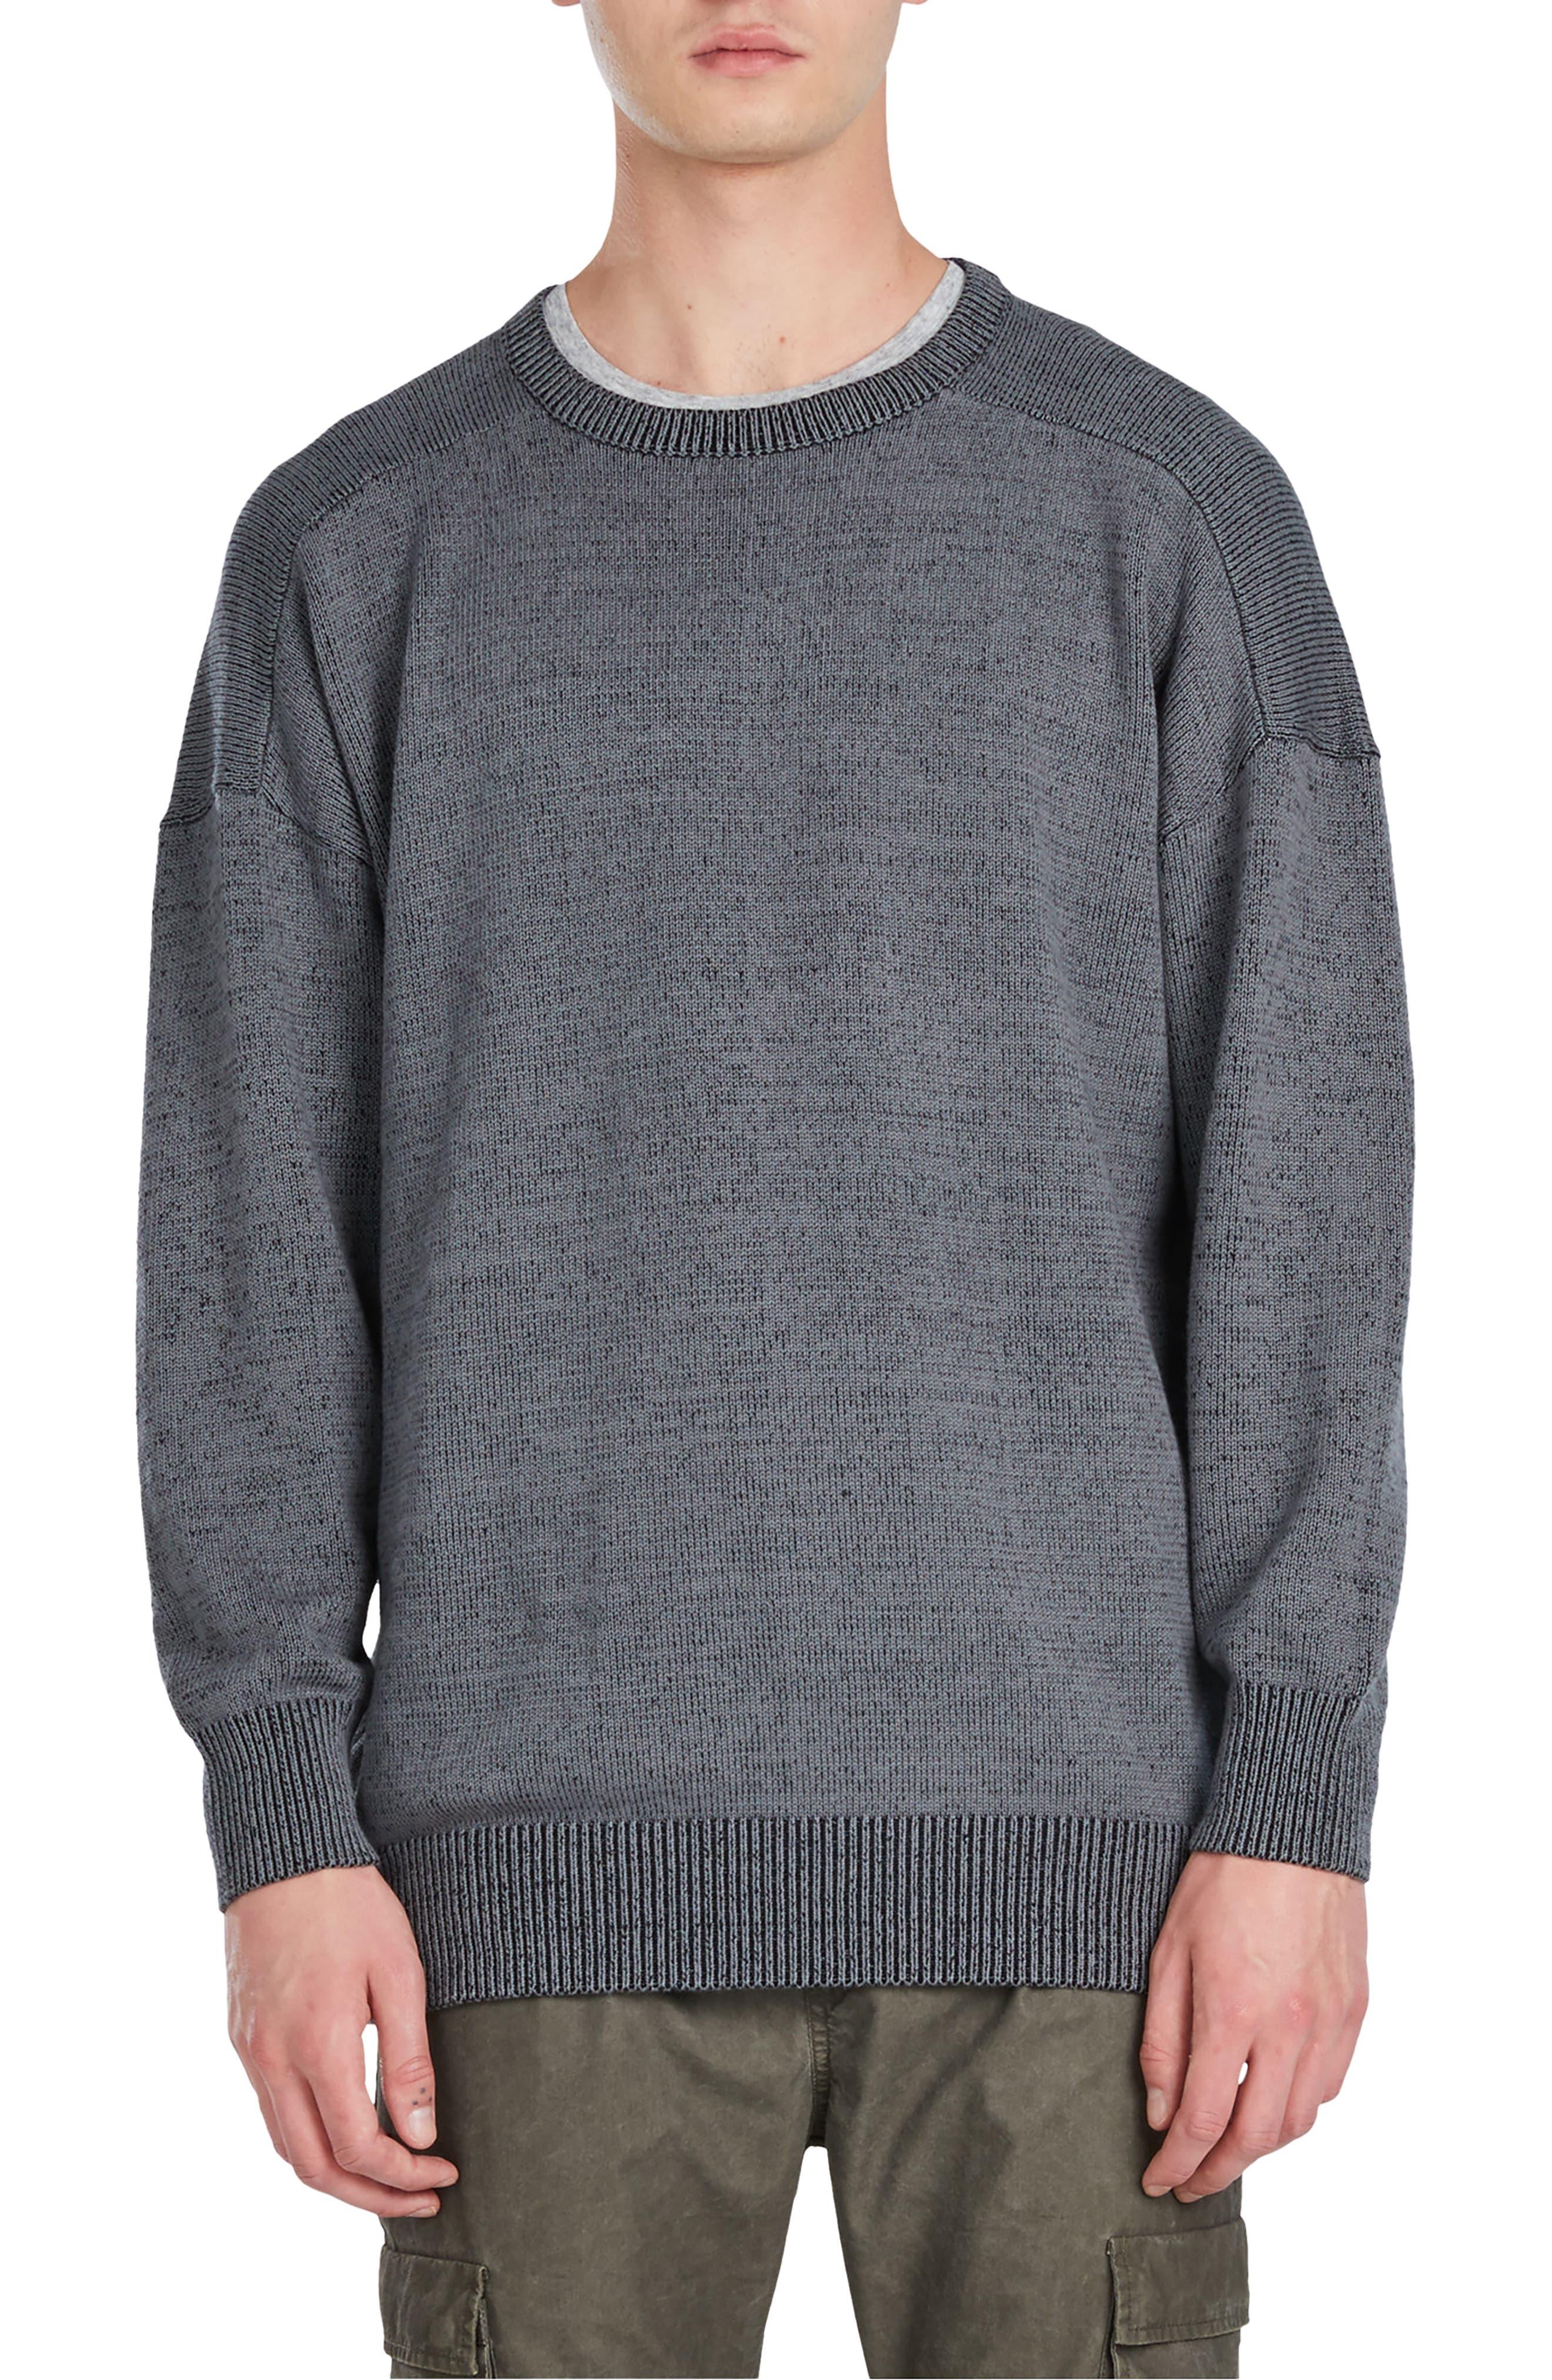 ZANEROBE Cotch Knit Sweater